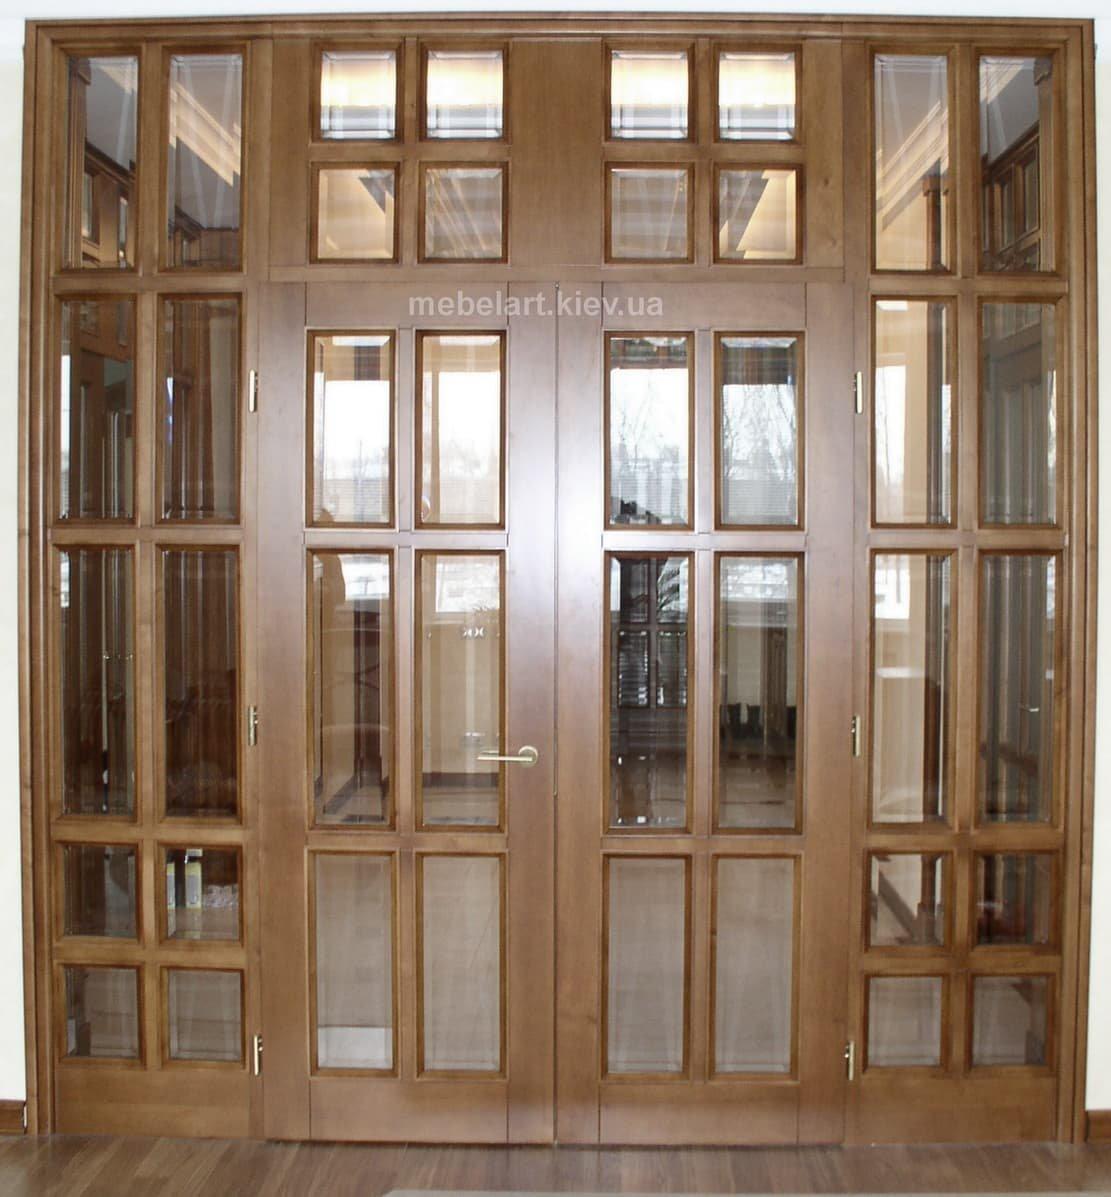 двери с граненым стеклом